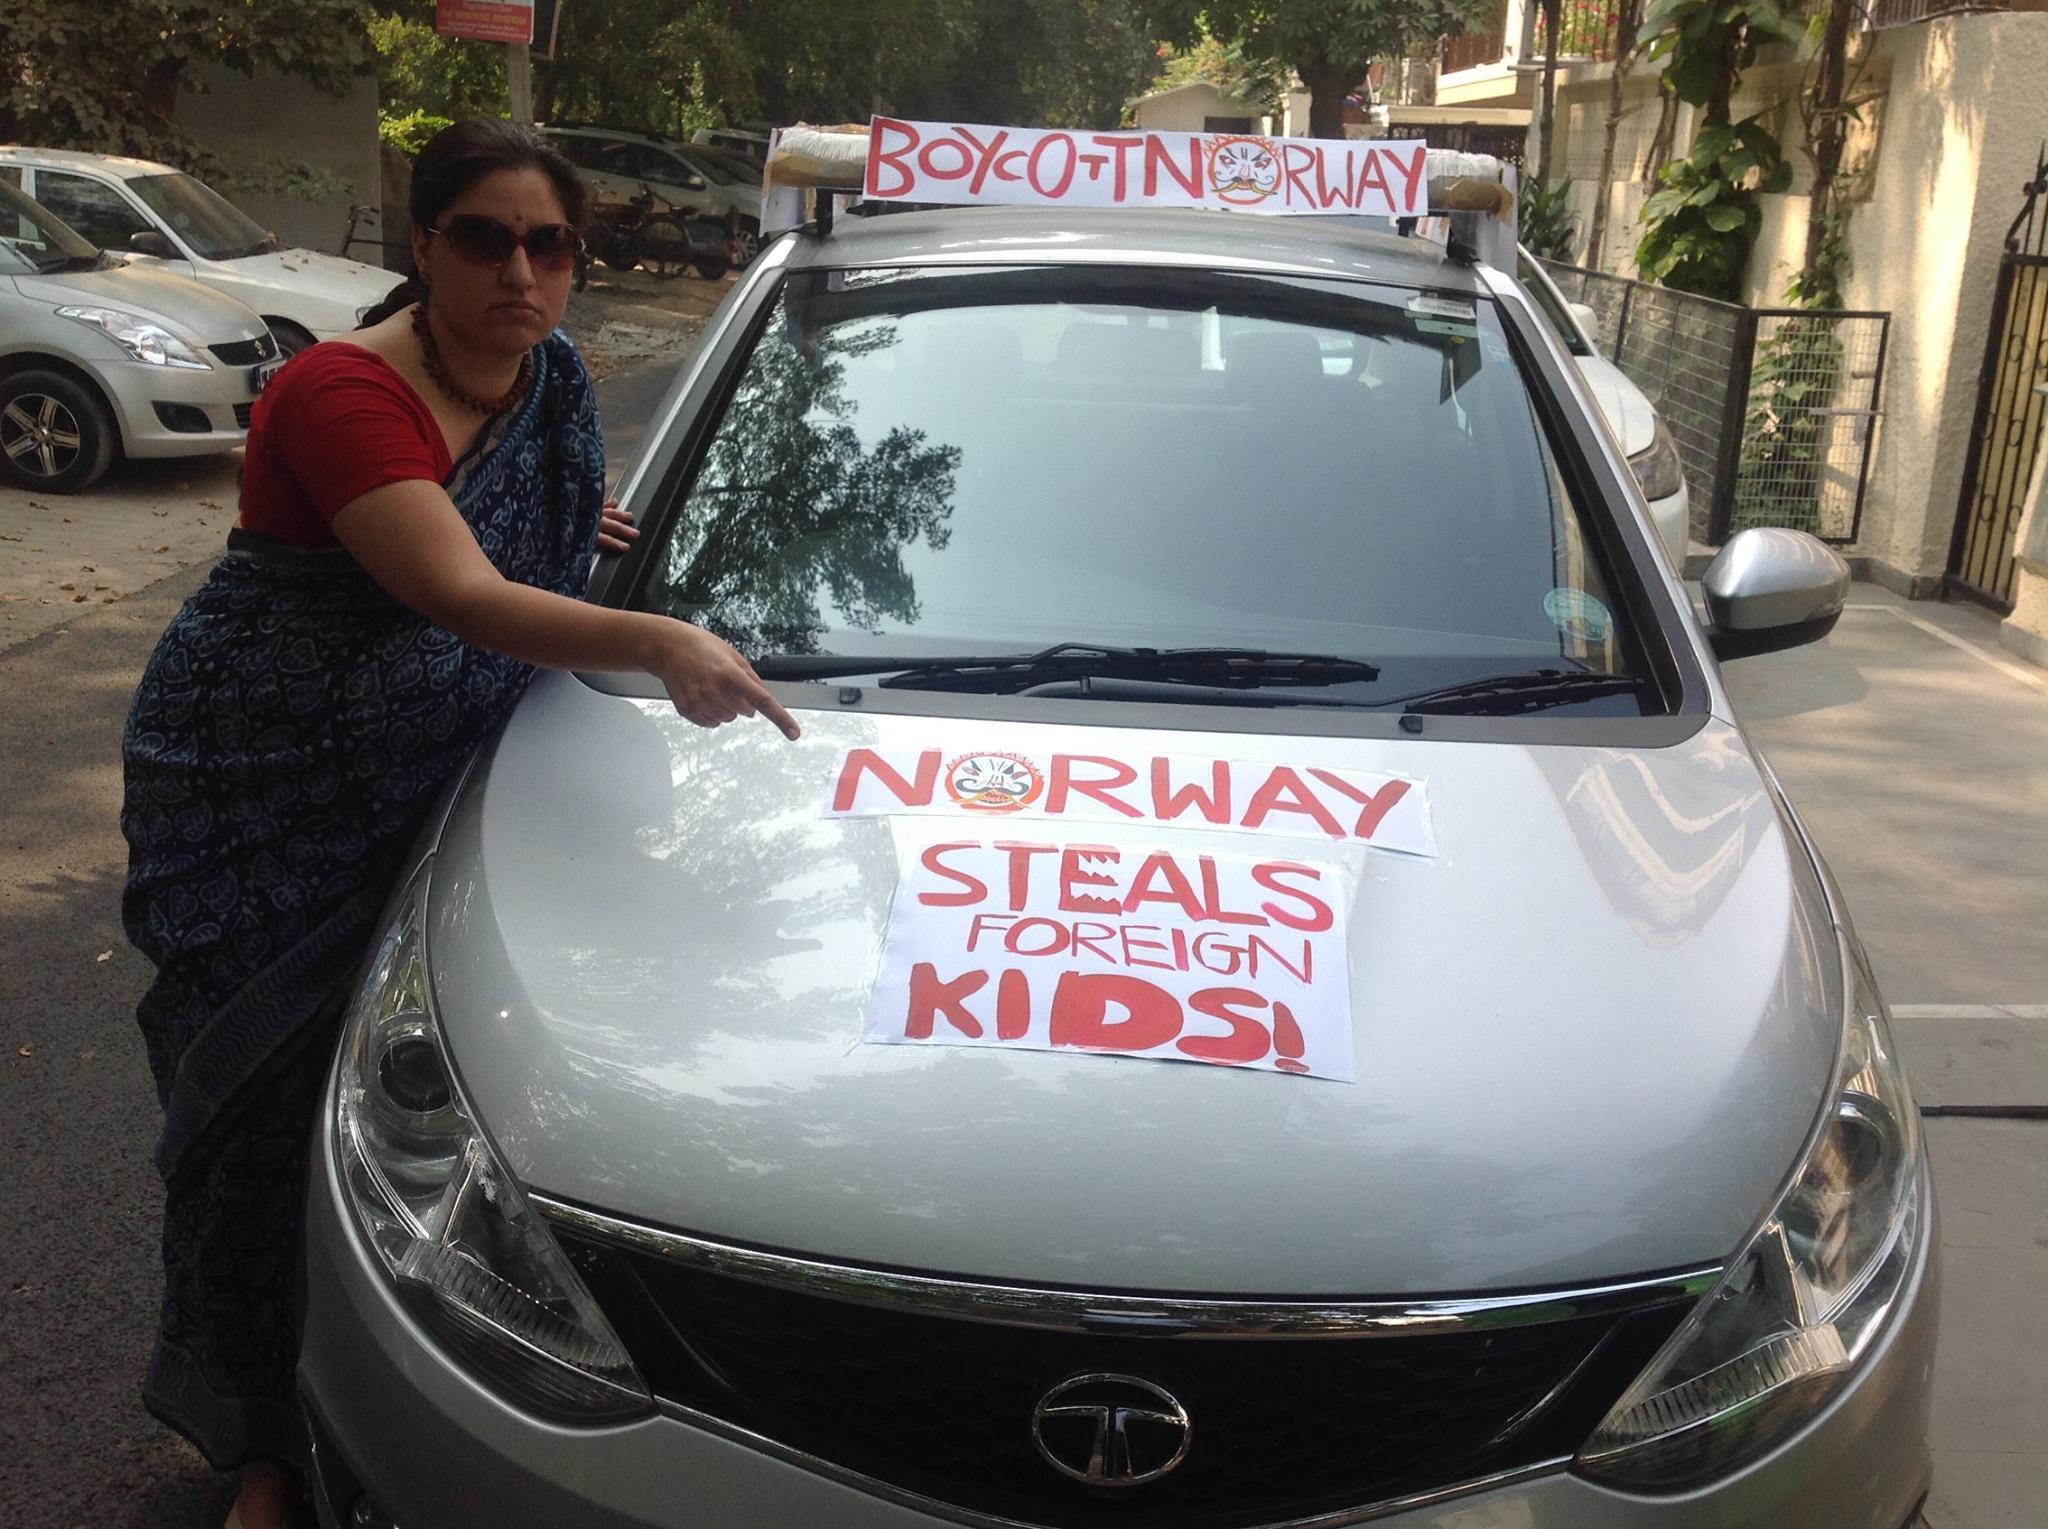 norway steals kids